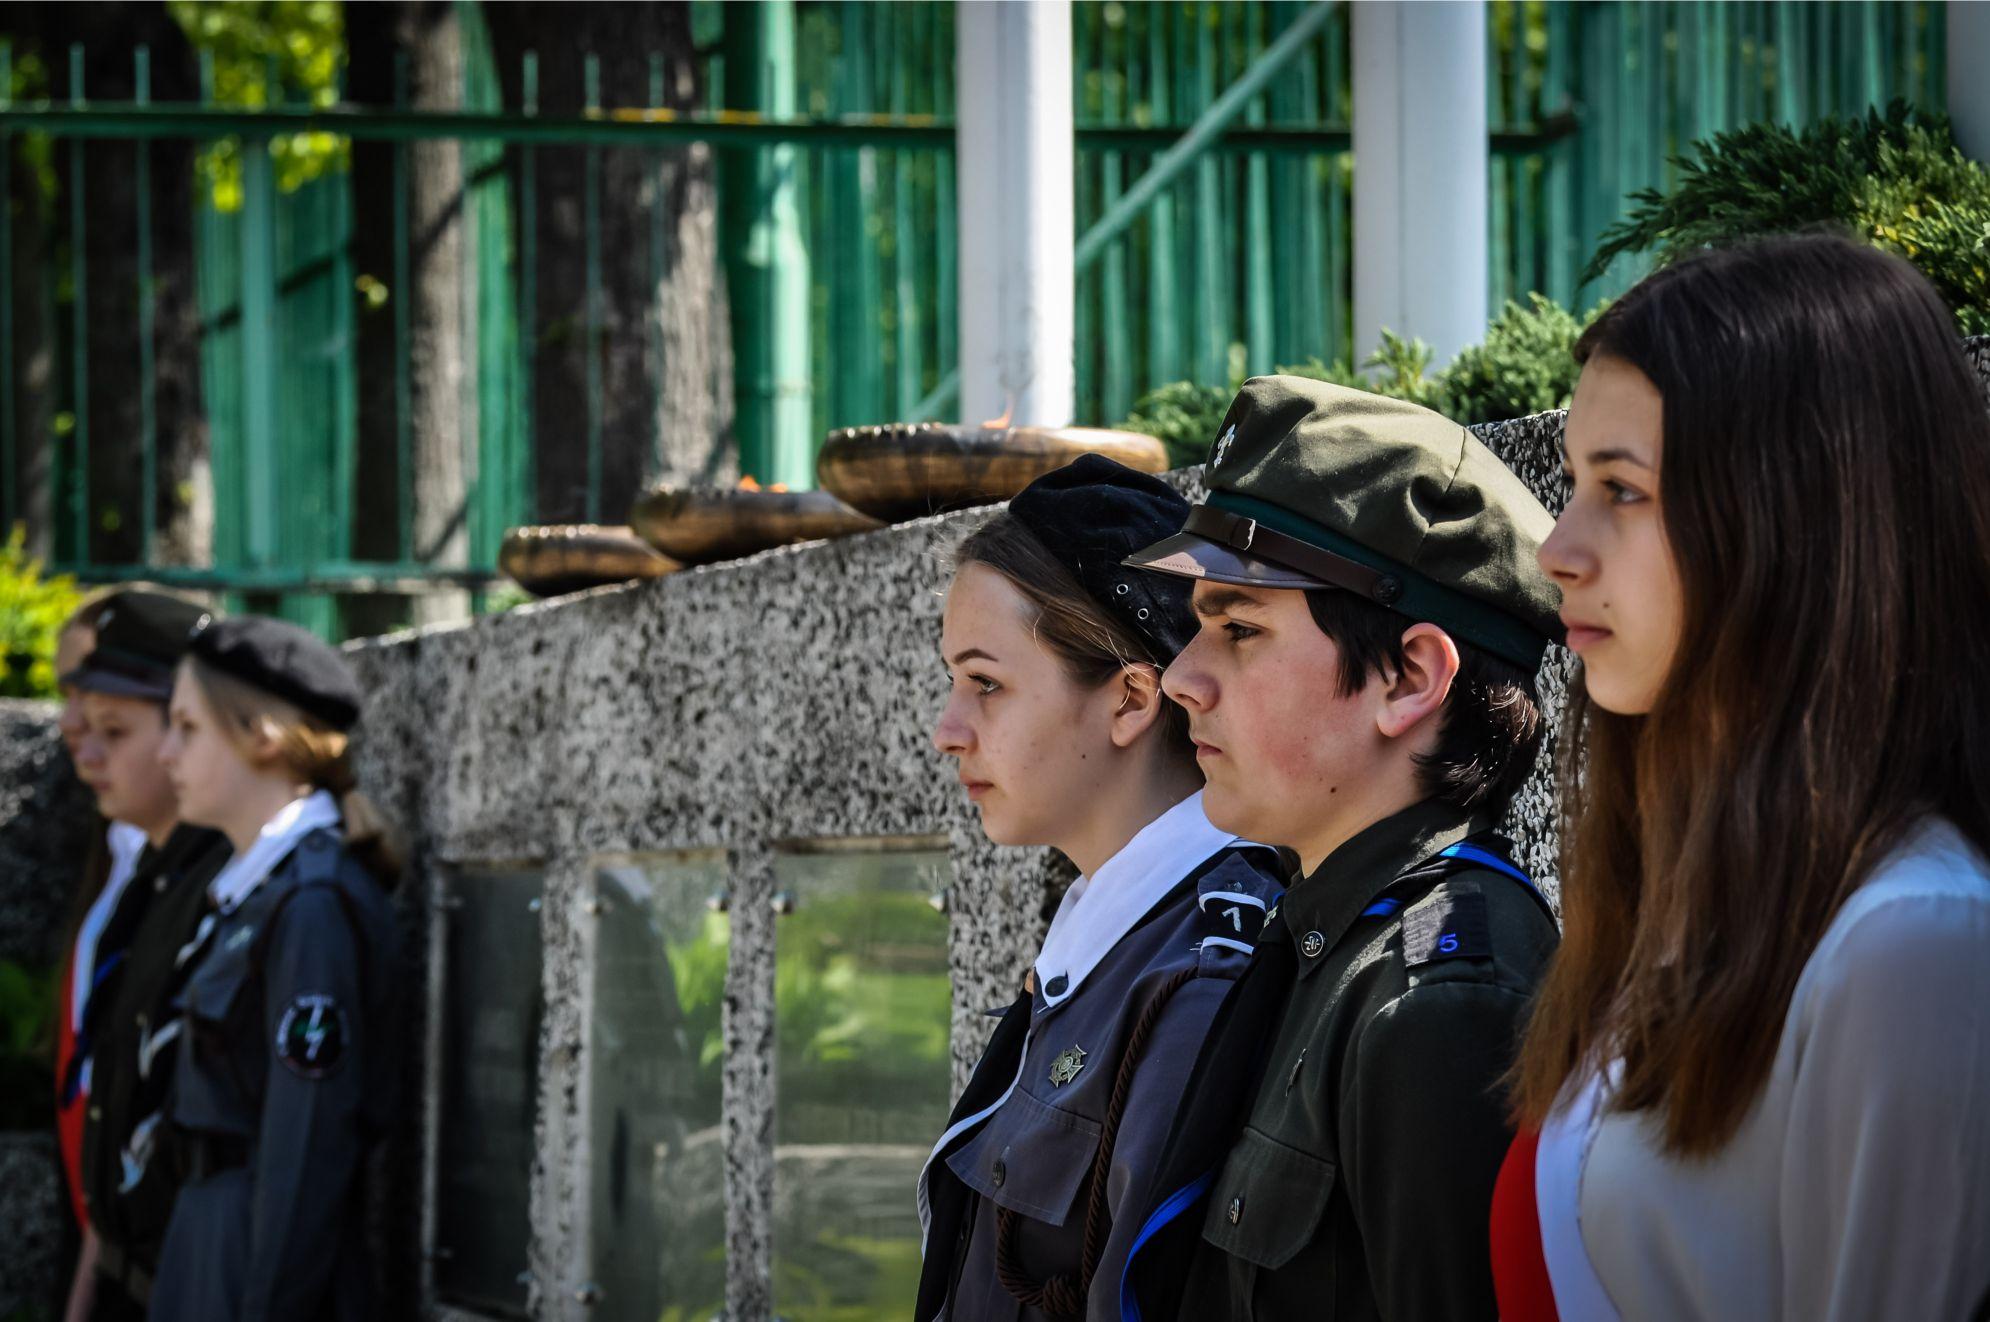 Dziś 74. rocznica zakończenia II wojny światowej w Europie. Uroczystości w Mielcu [FOTO, VIDEO] - Zdjęcie główne